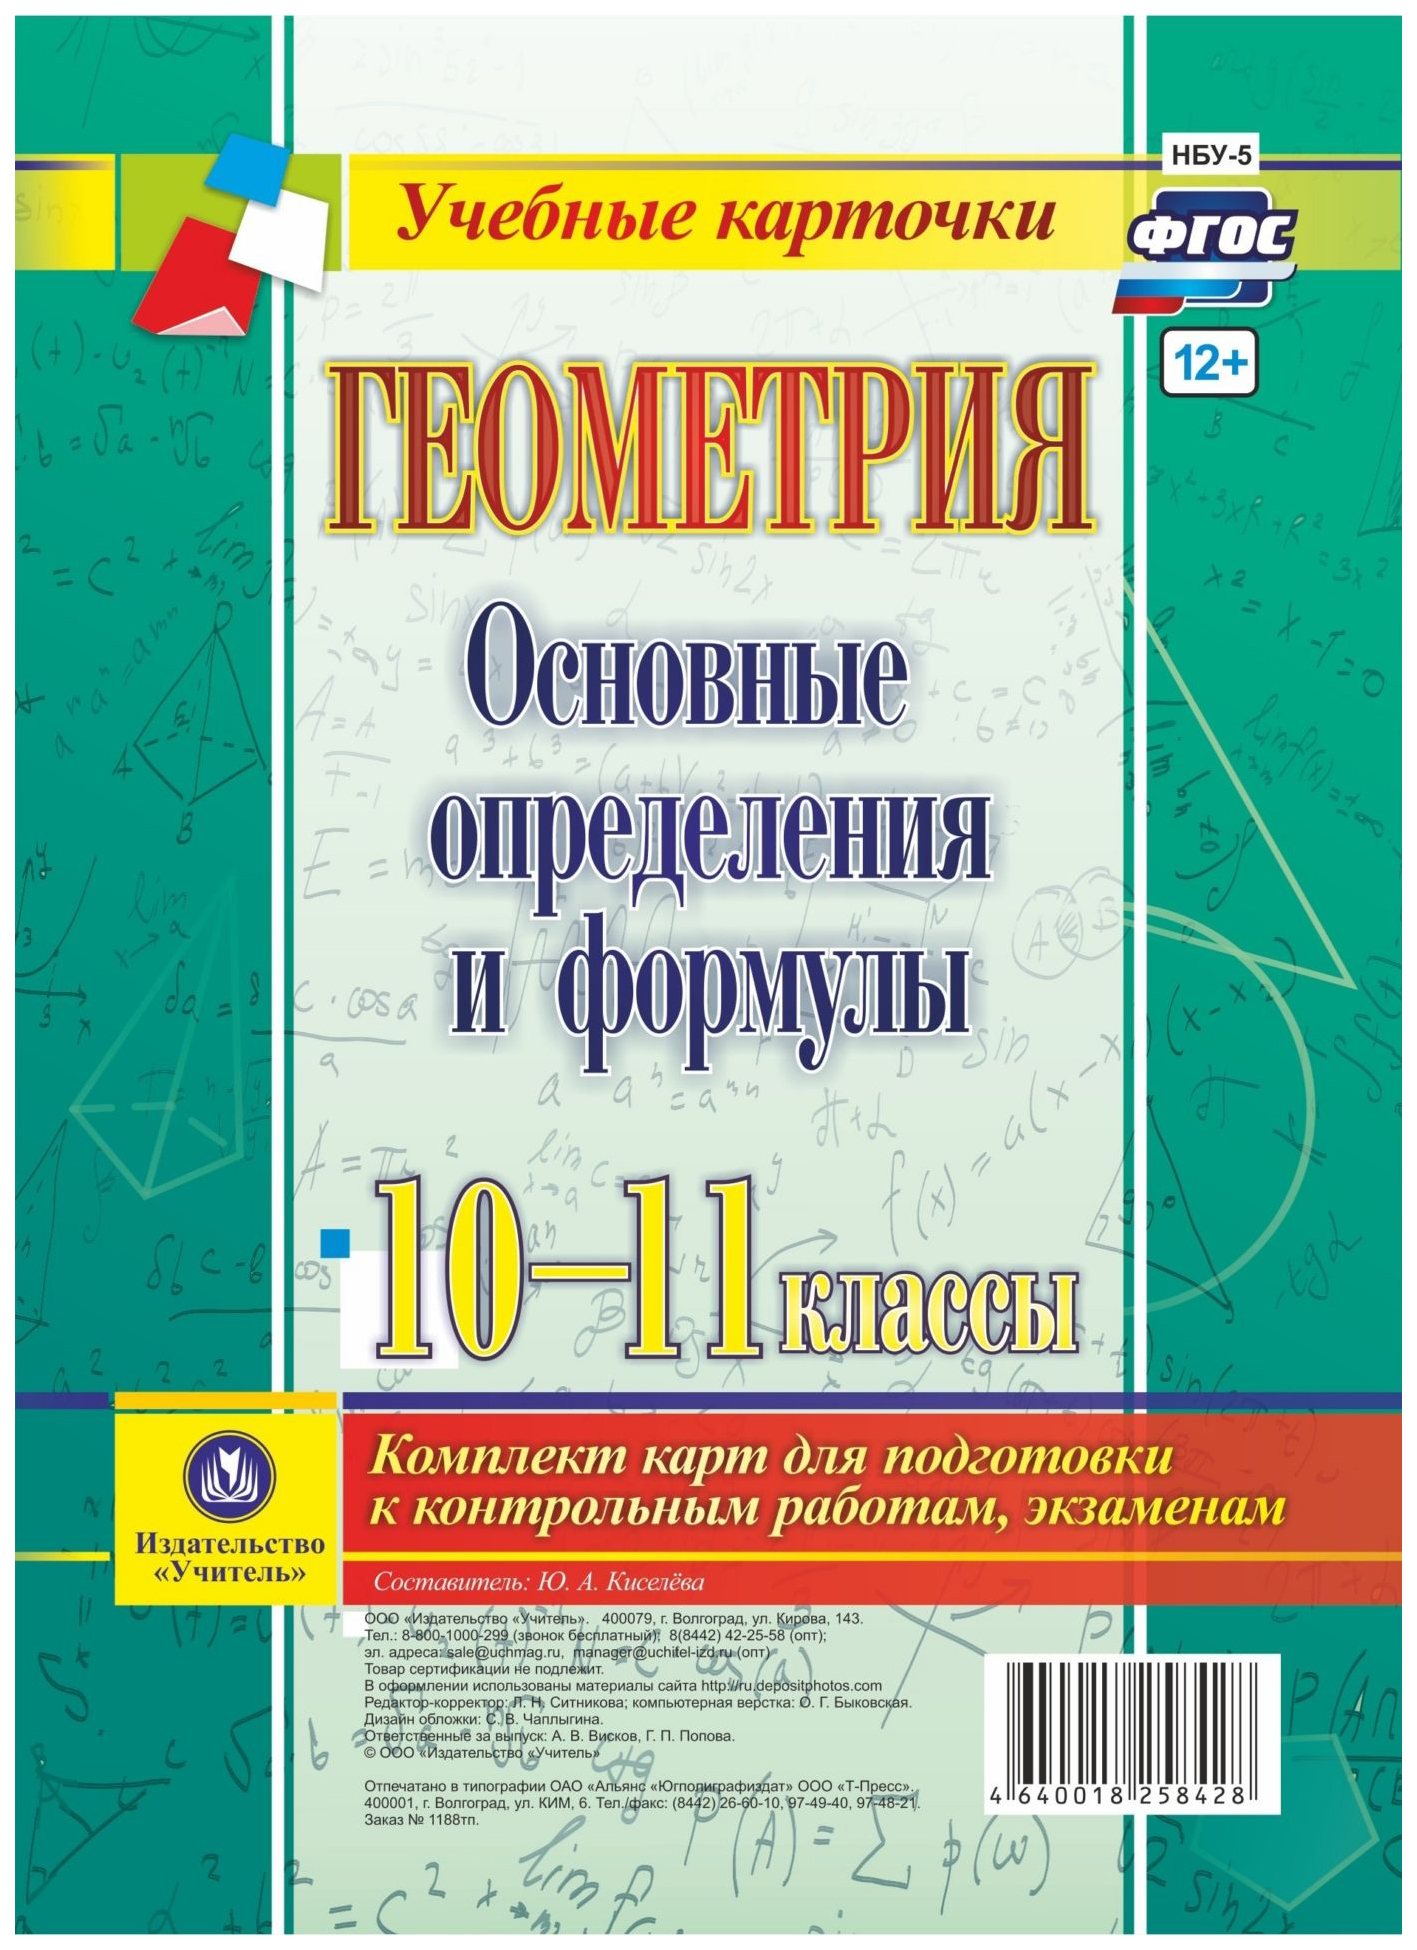 Геометрия. Основные определения и формулы. 10-11 классы, Комплект карт